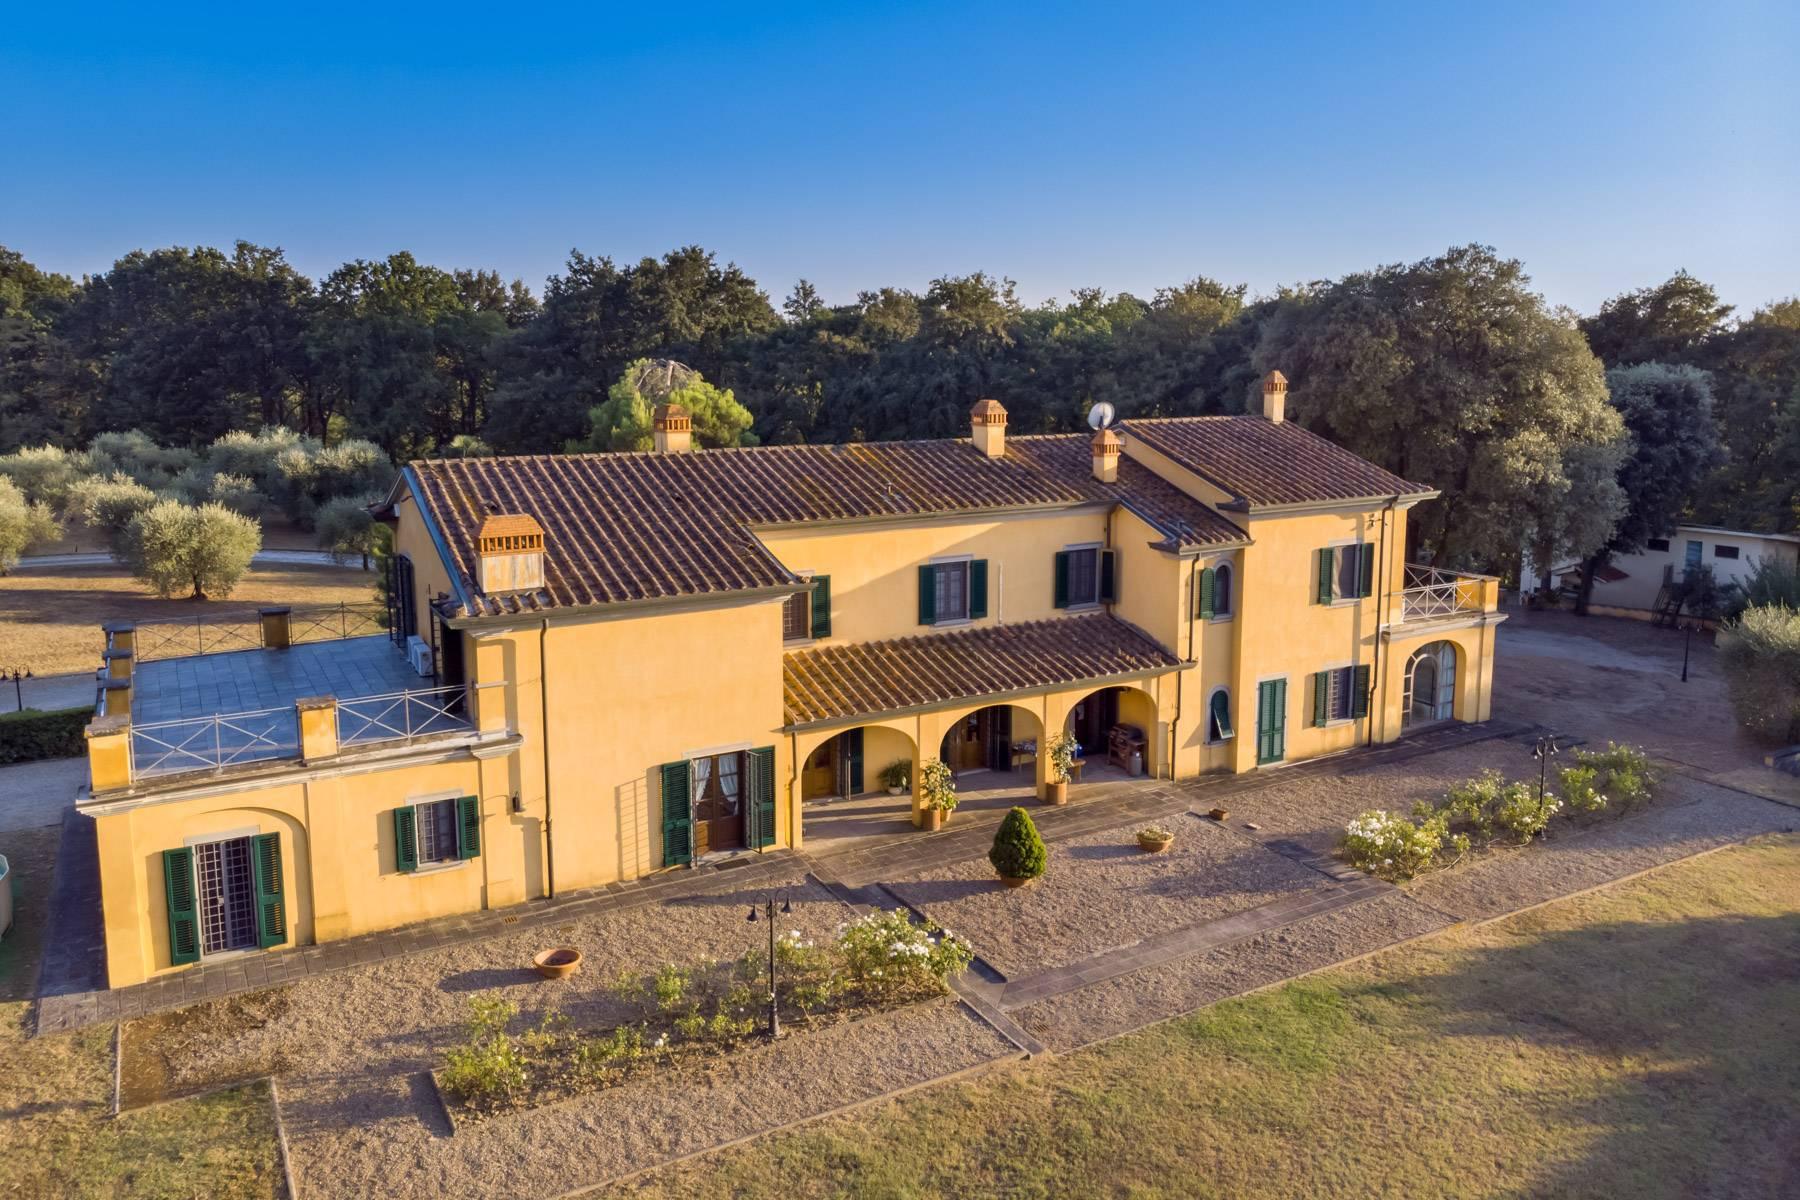 Villa in Vendita a Bientina: 5 locali, 500 mq - Foto 4